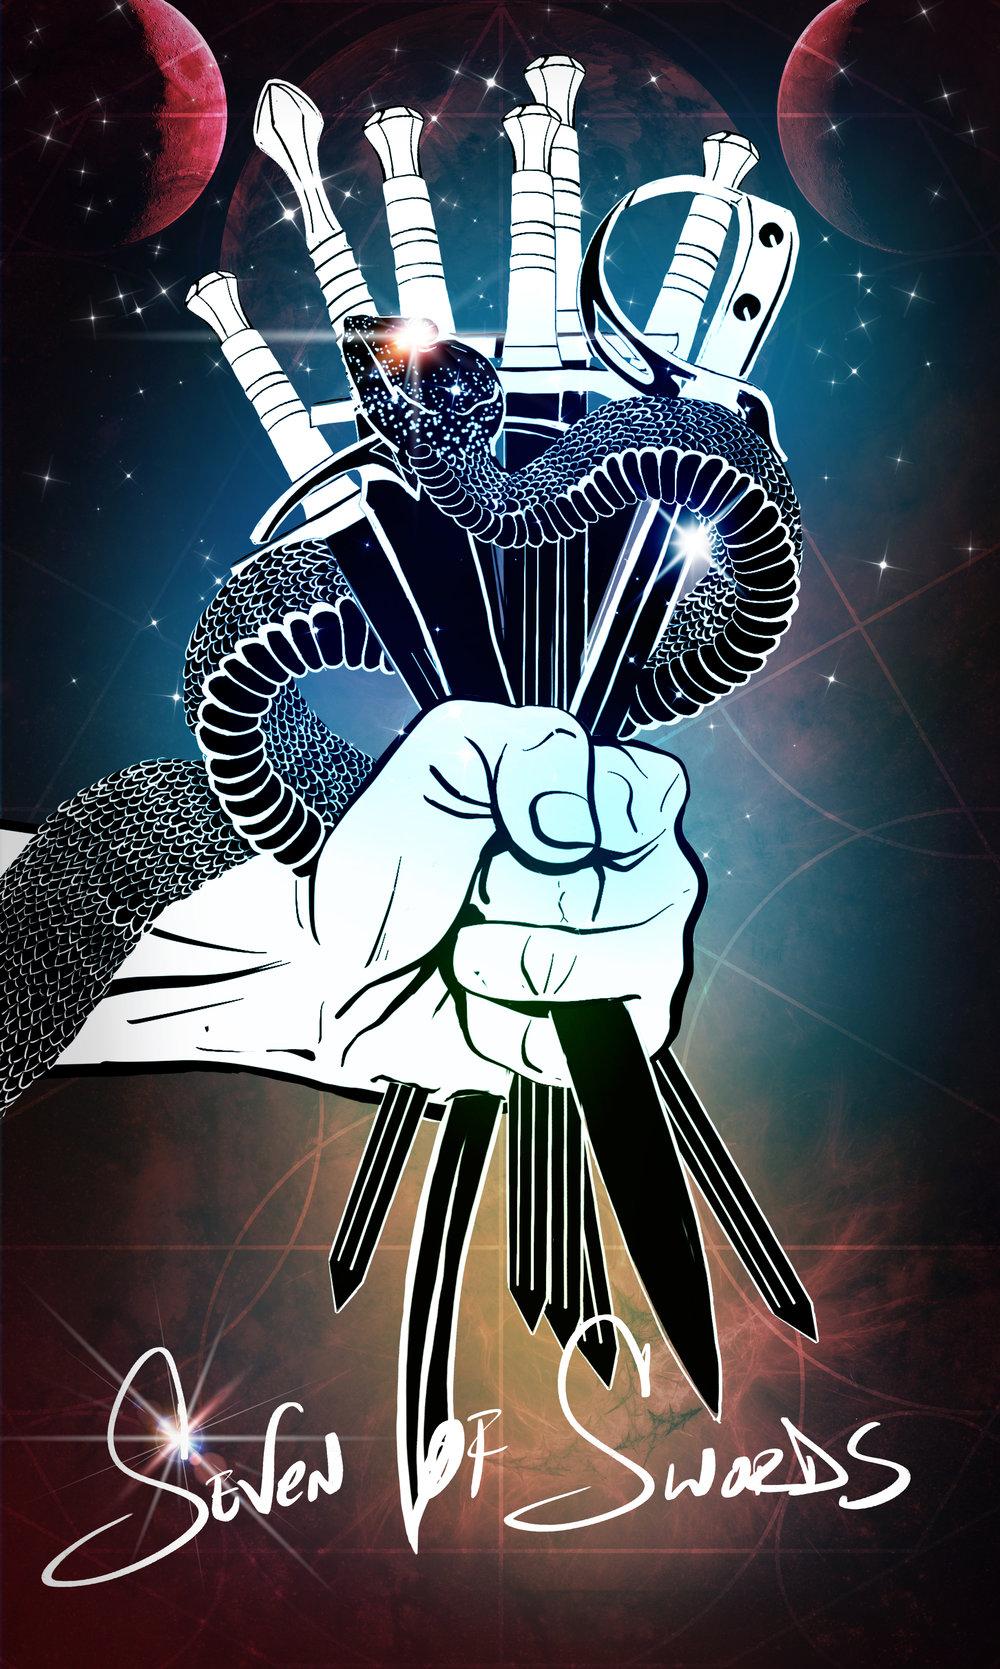 Seven of Swords